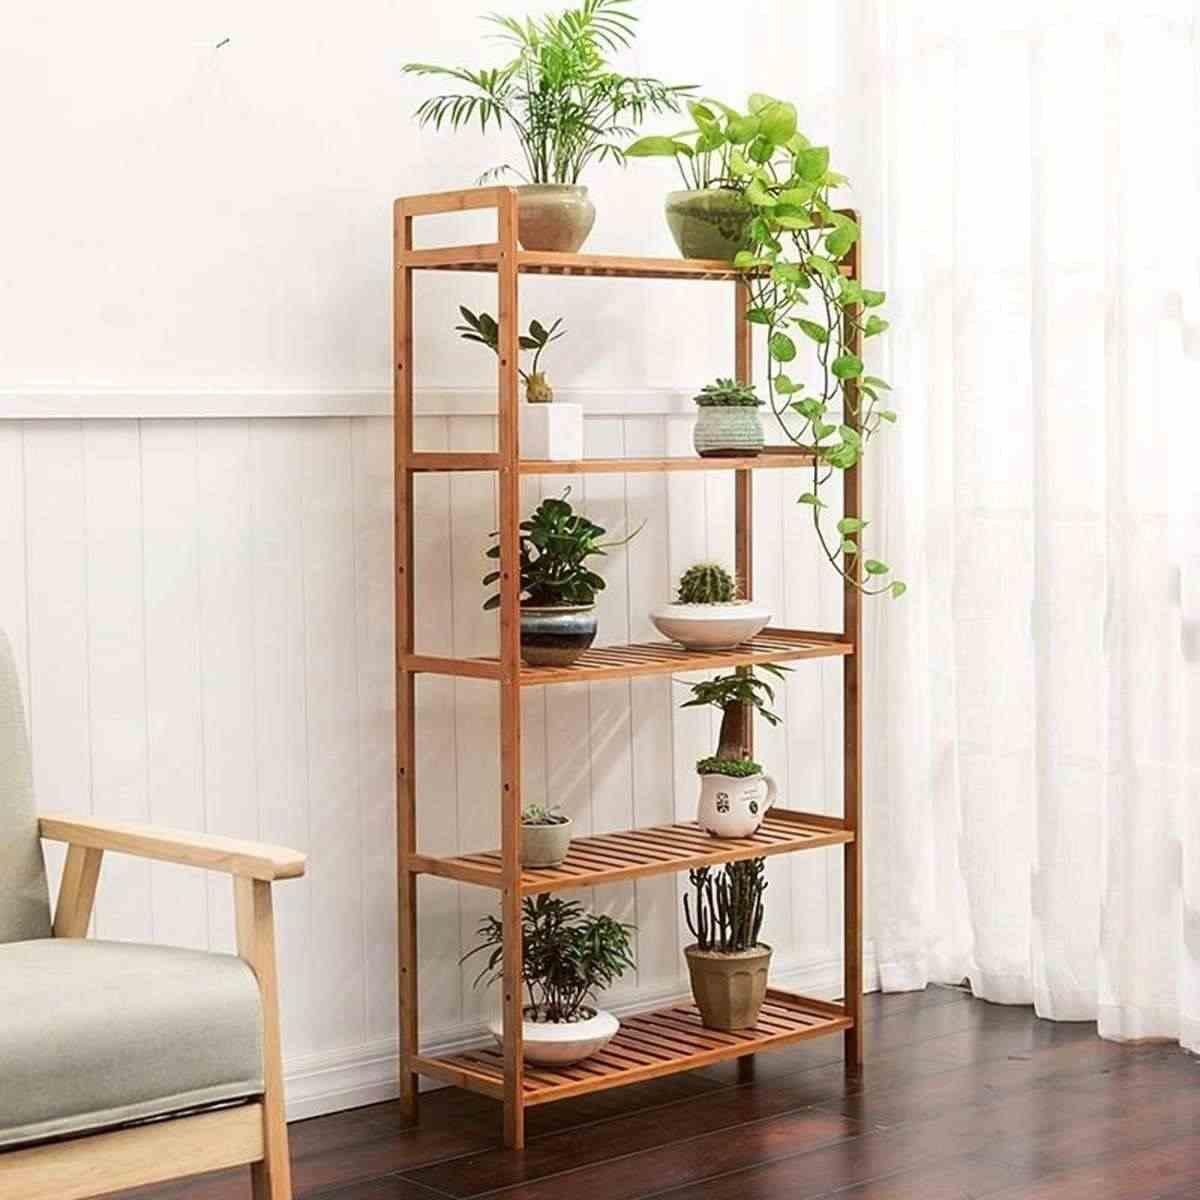 5/4/3 層モダンな装飾植物花棚スタンド収納ラック竹多機能ガーデン浴室キッチンリビングルーム